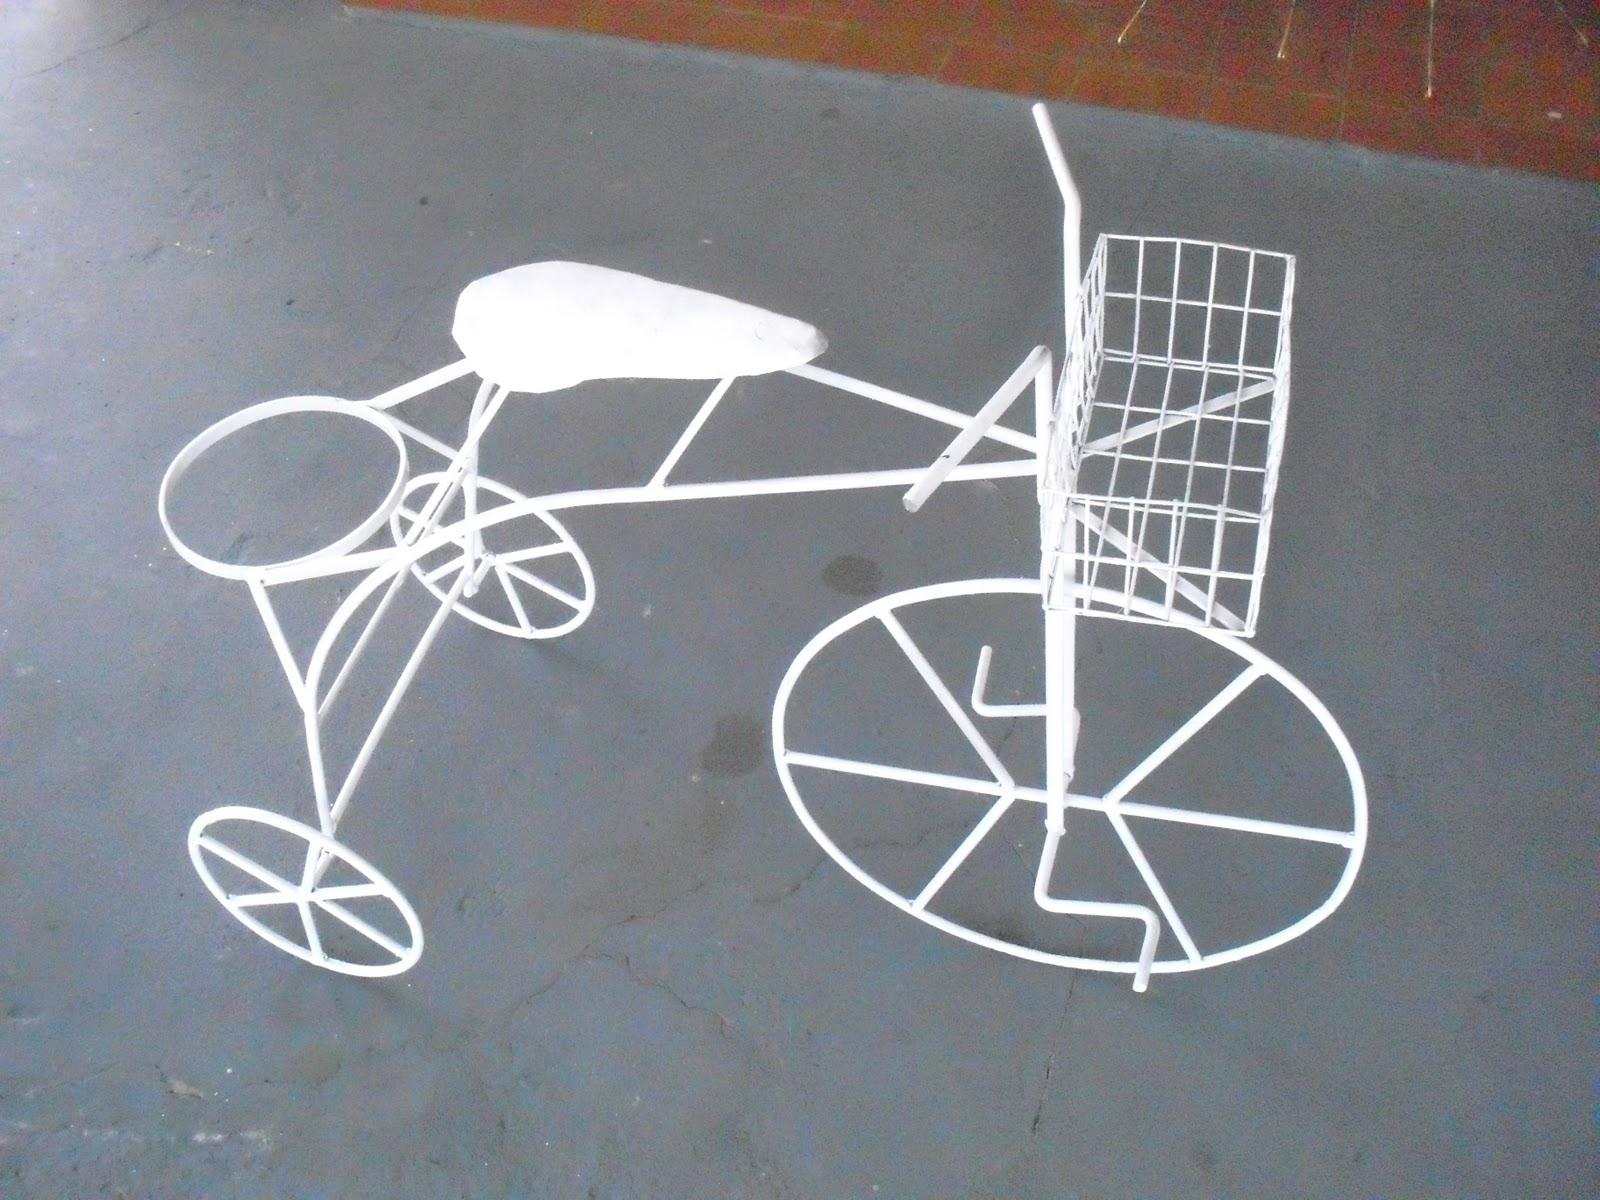 objetos decoracao jardim:OBJETOS DE DECORAÇÃO EM FERRO: bicicleta para jardim floreira